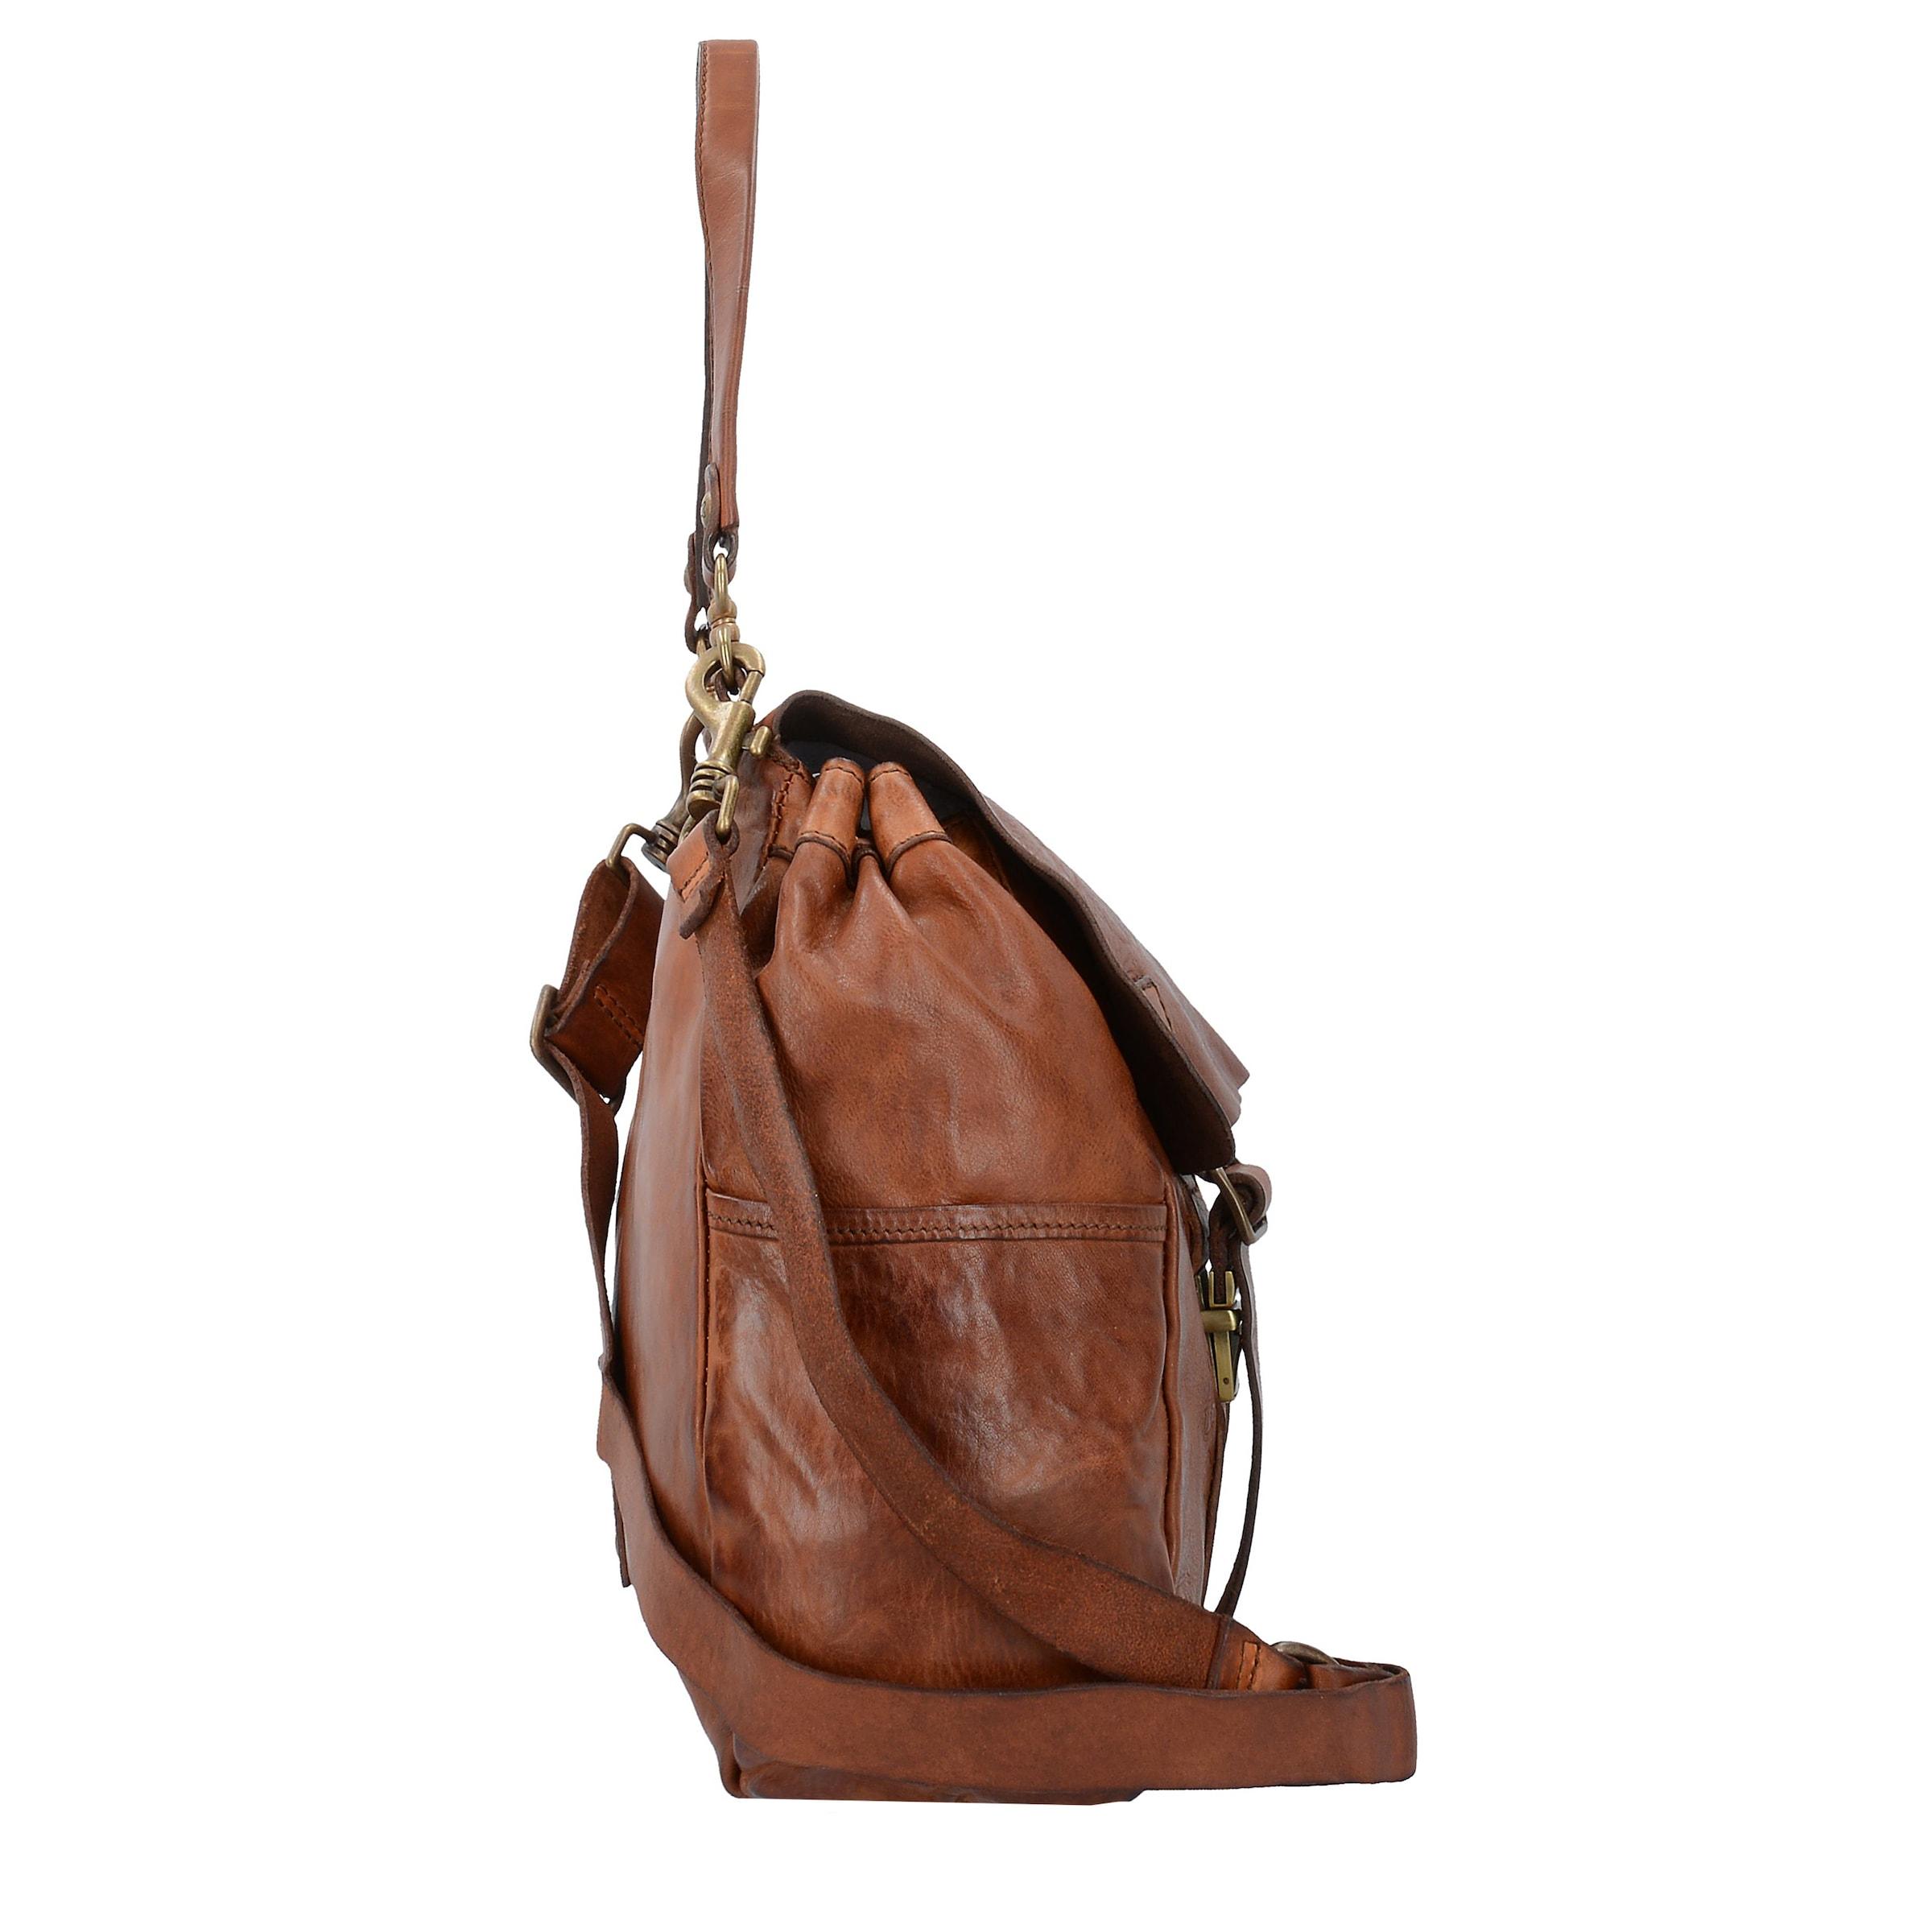 Speichern Günstigen Preis Modestil Campomaggi Traditional Giglio Schultertasche Leder 33 cm Kaufen Billige Angebote 0JptKkcu